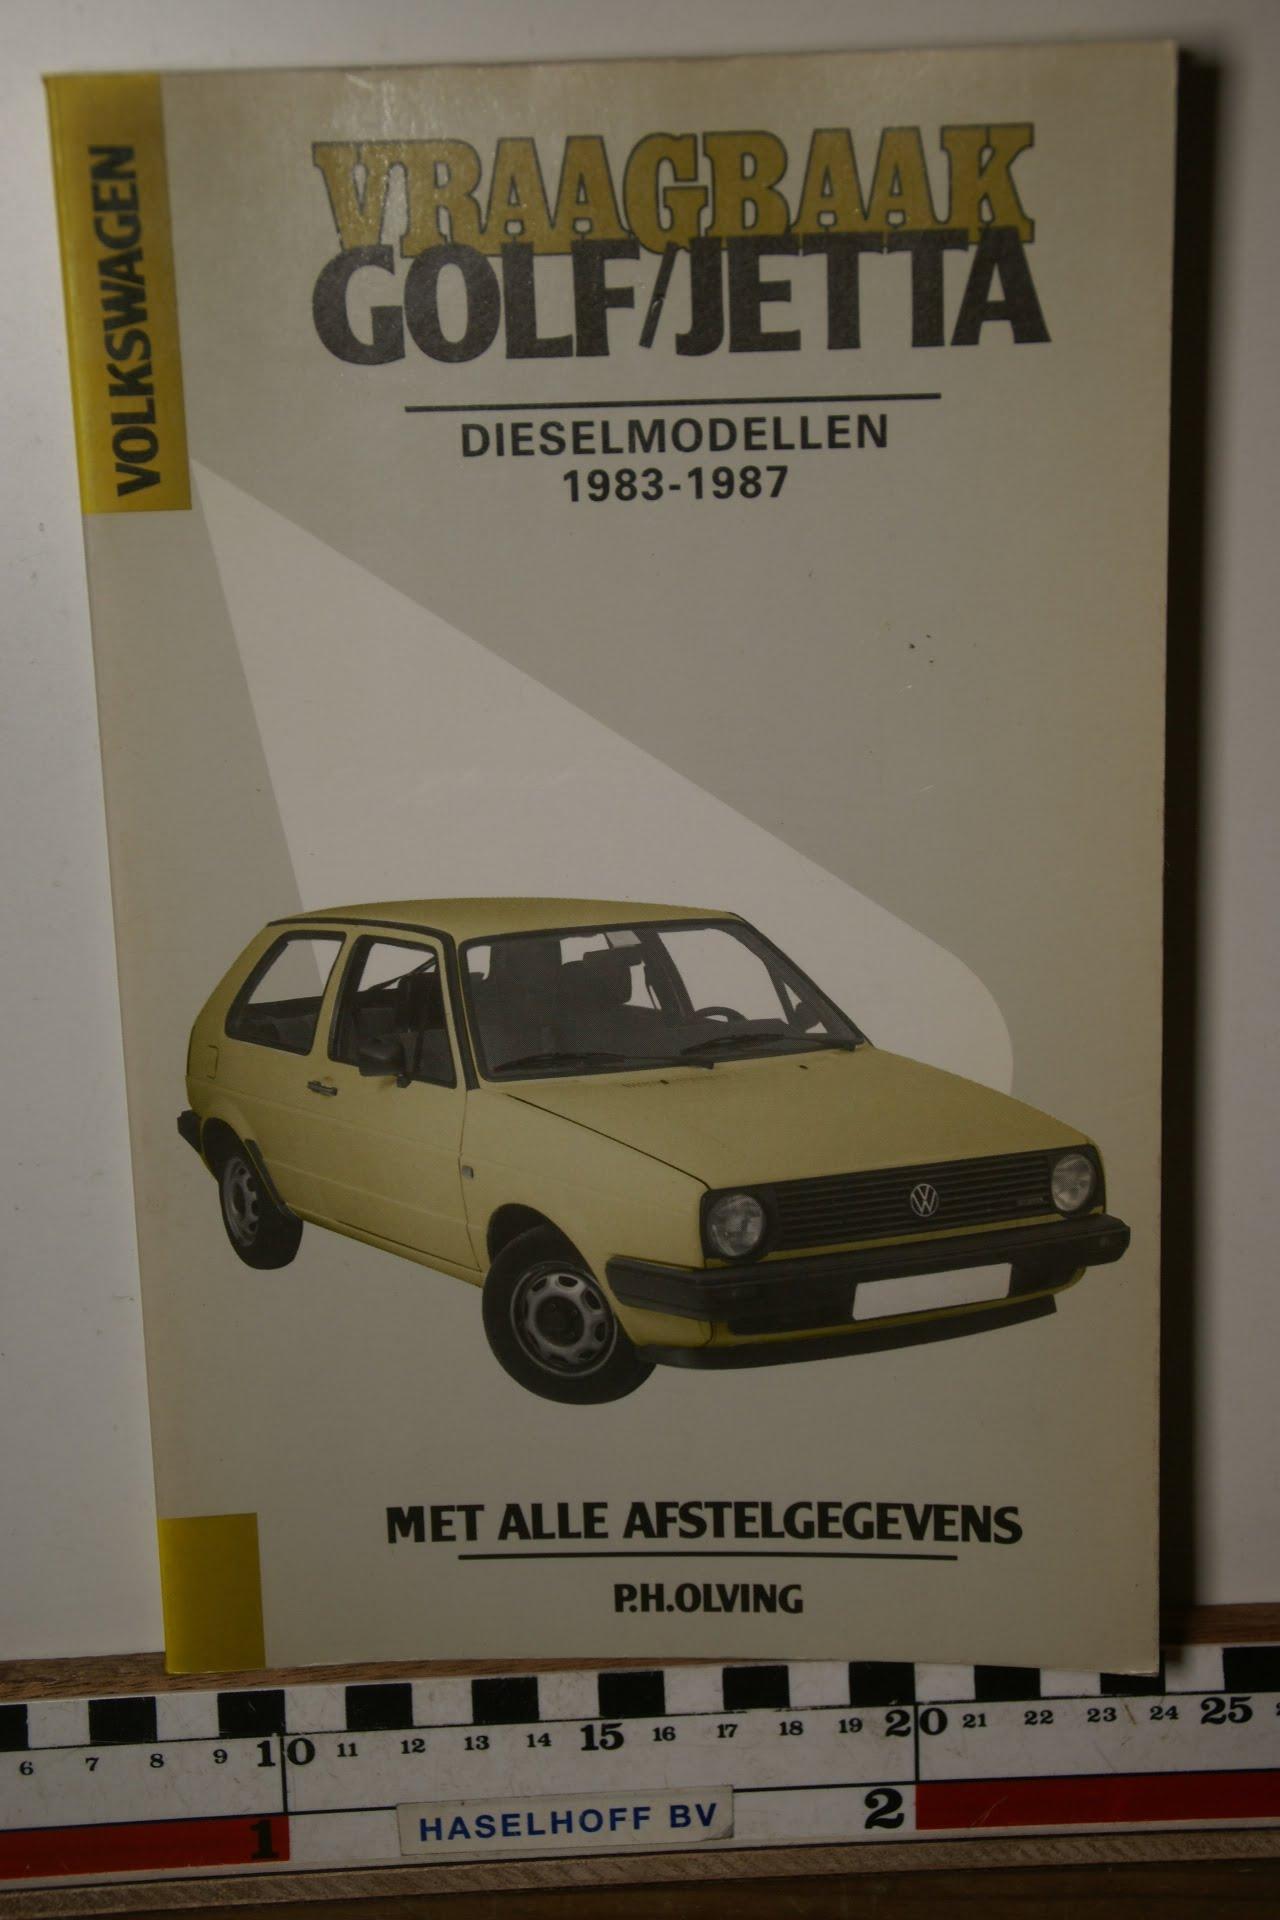 Olving vraagbaak Volkswagen Golf Jetta diesel-0